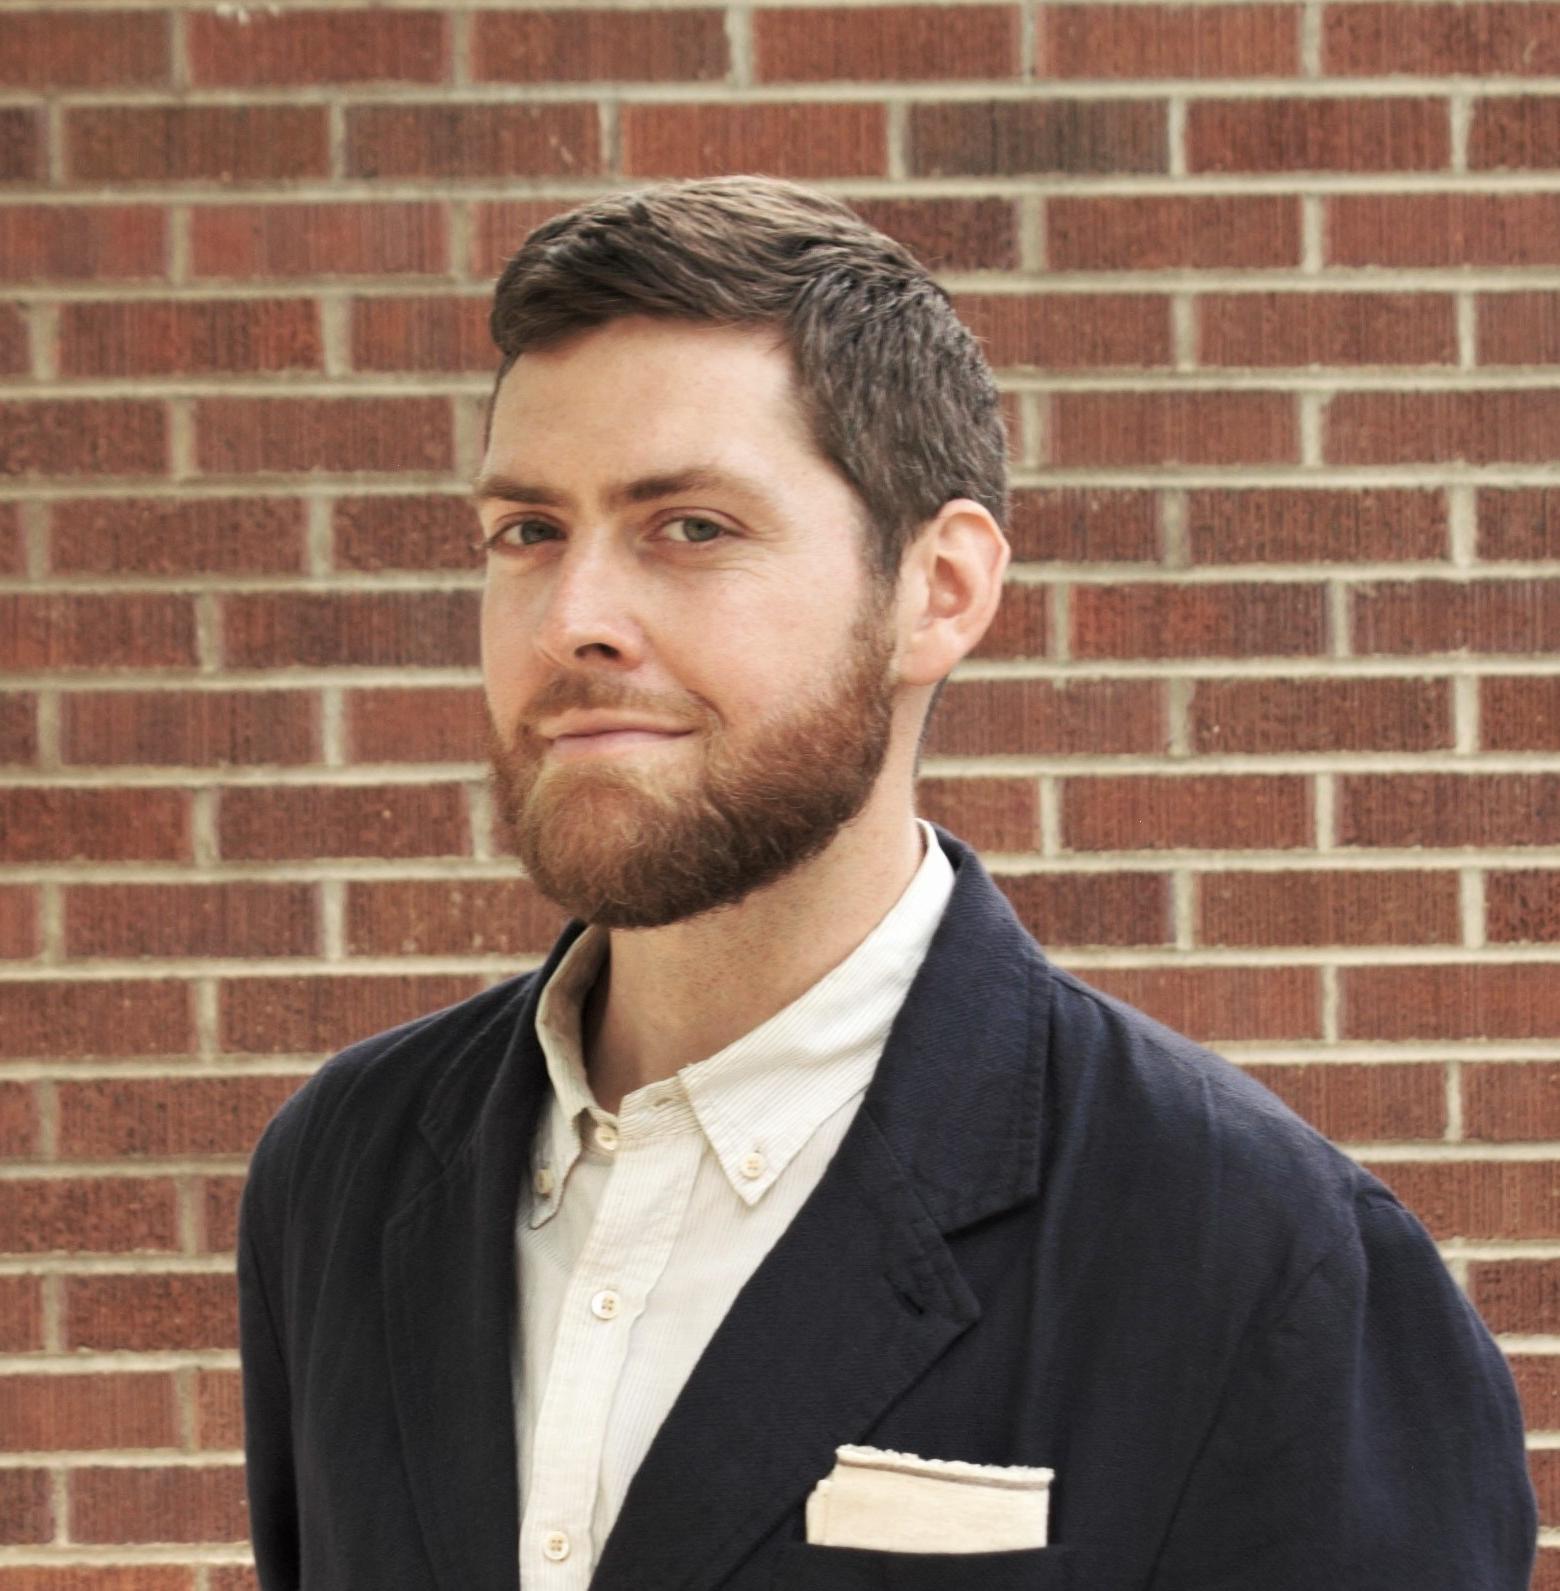 Dr. Wyatt Merrill